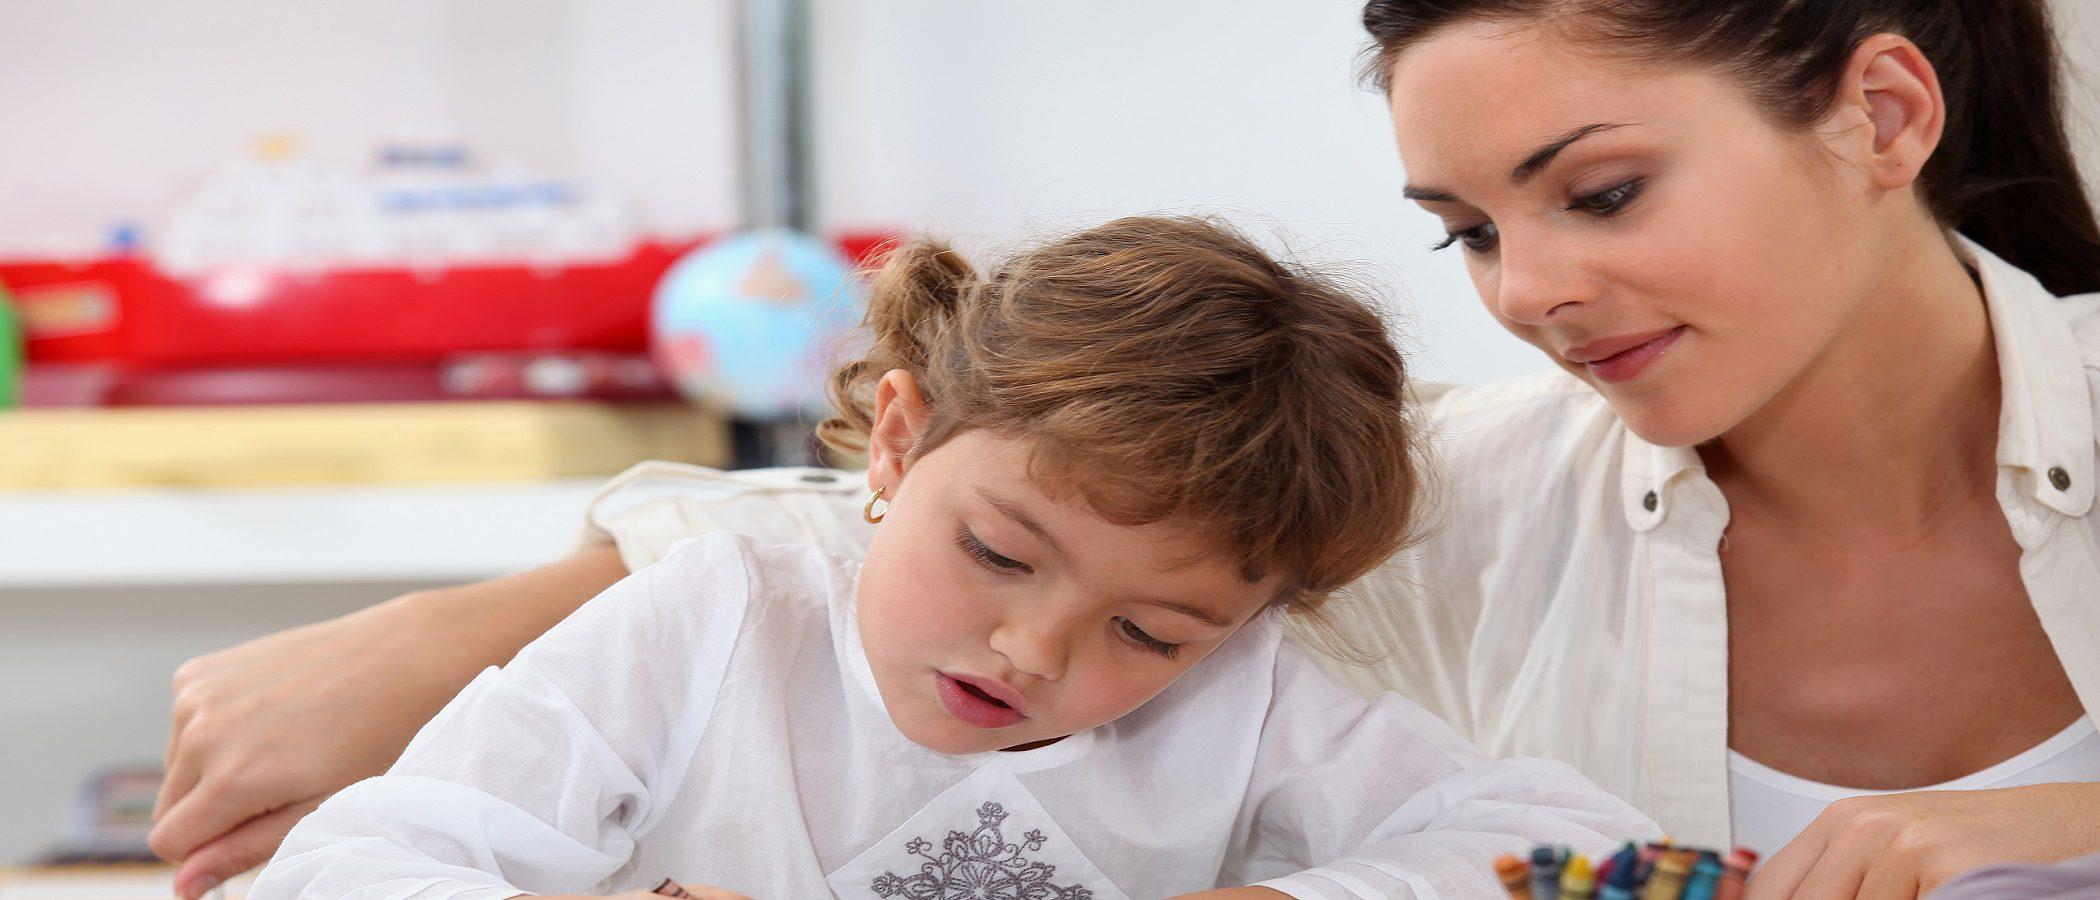 ¿Qué titulaciones de FP puedo estudiar si quiero trabajar con niños?